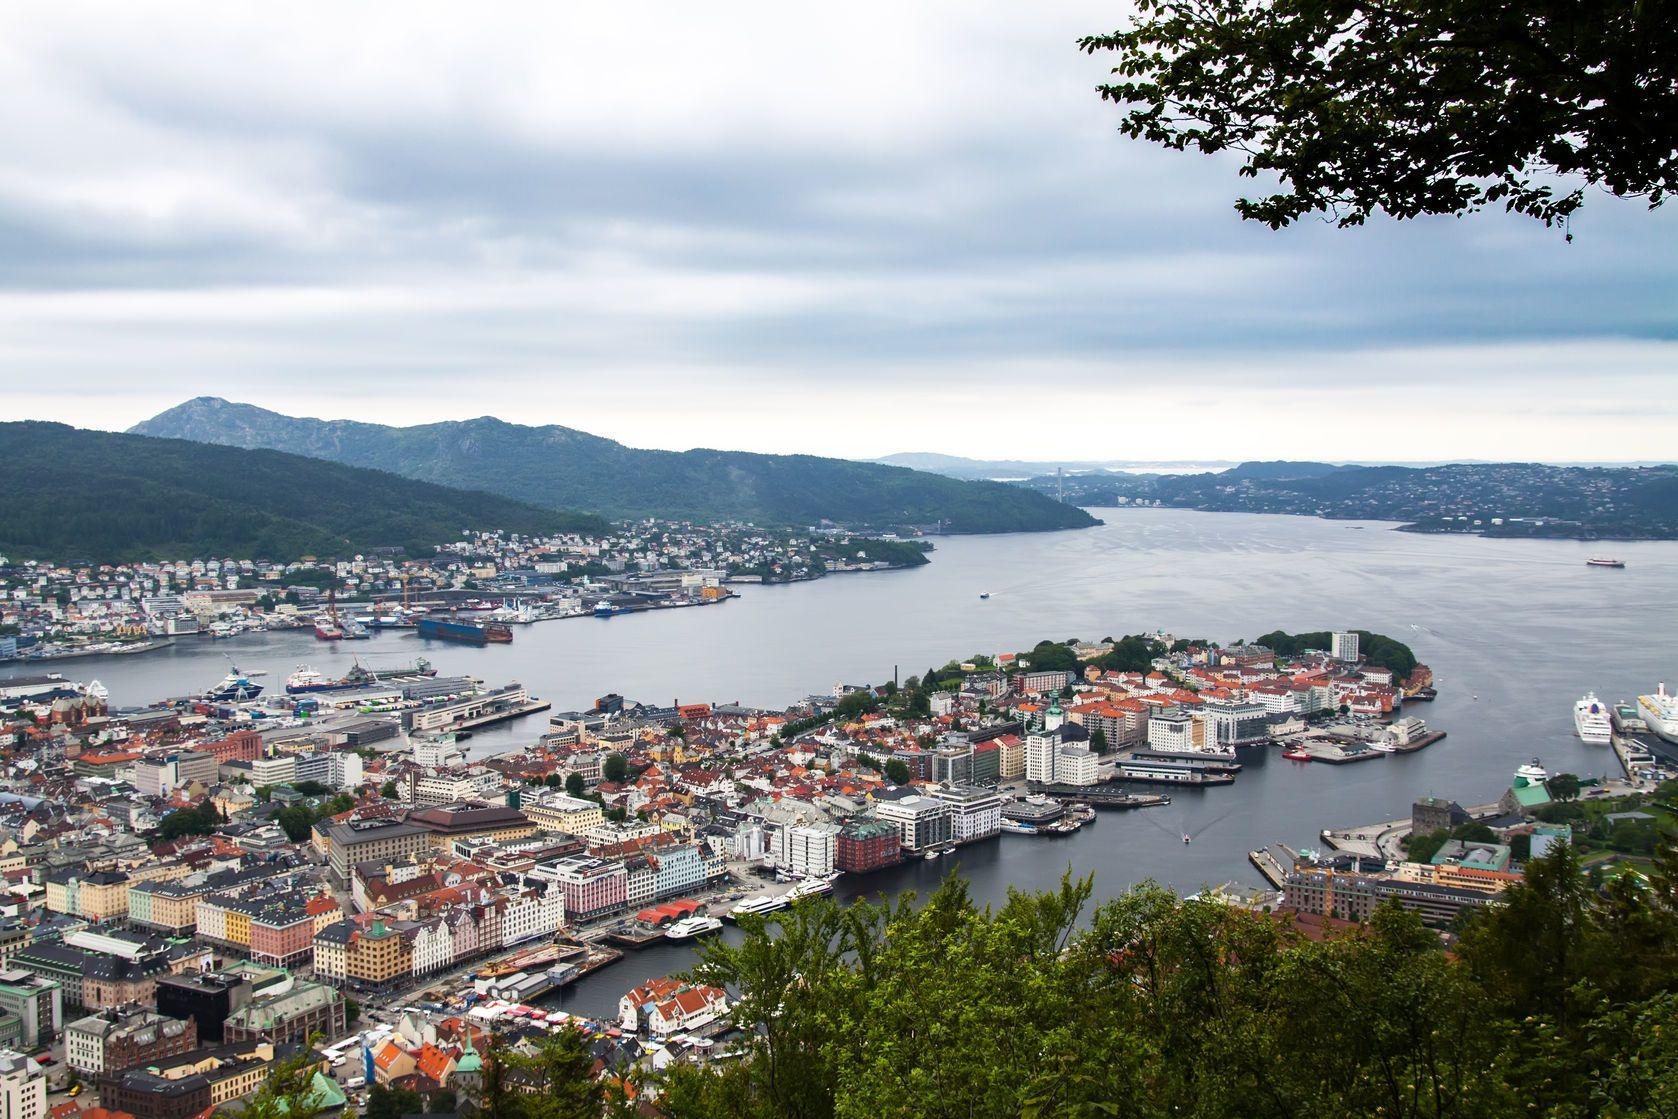 Pohled na město Bergen v Norsku | kotangens/123RF.com